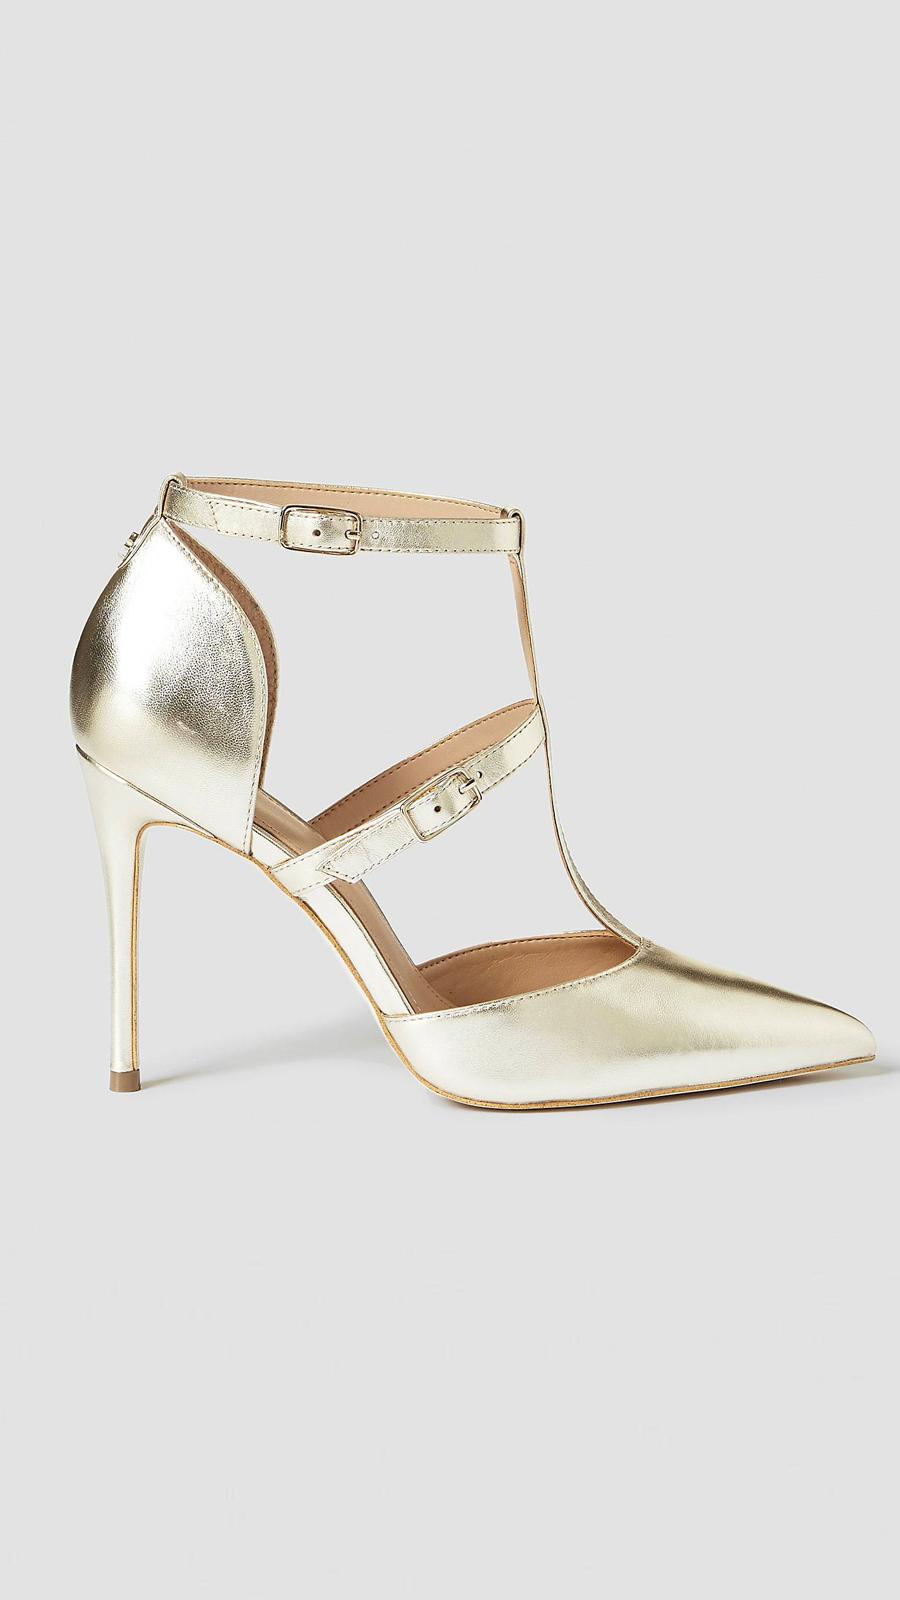 4cb728d8 Zapatos de fiesta cómodos: 10 modelos que no te querrás quitar - InStyle